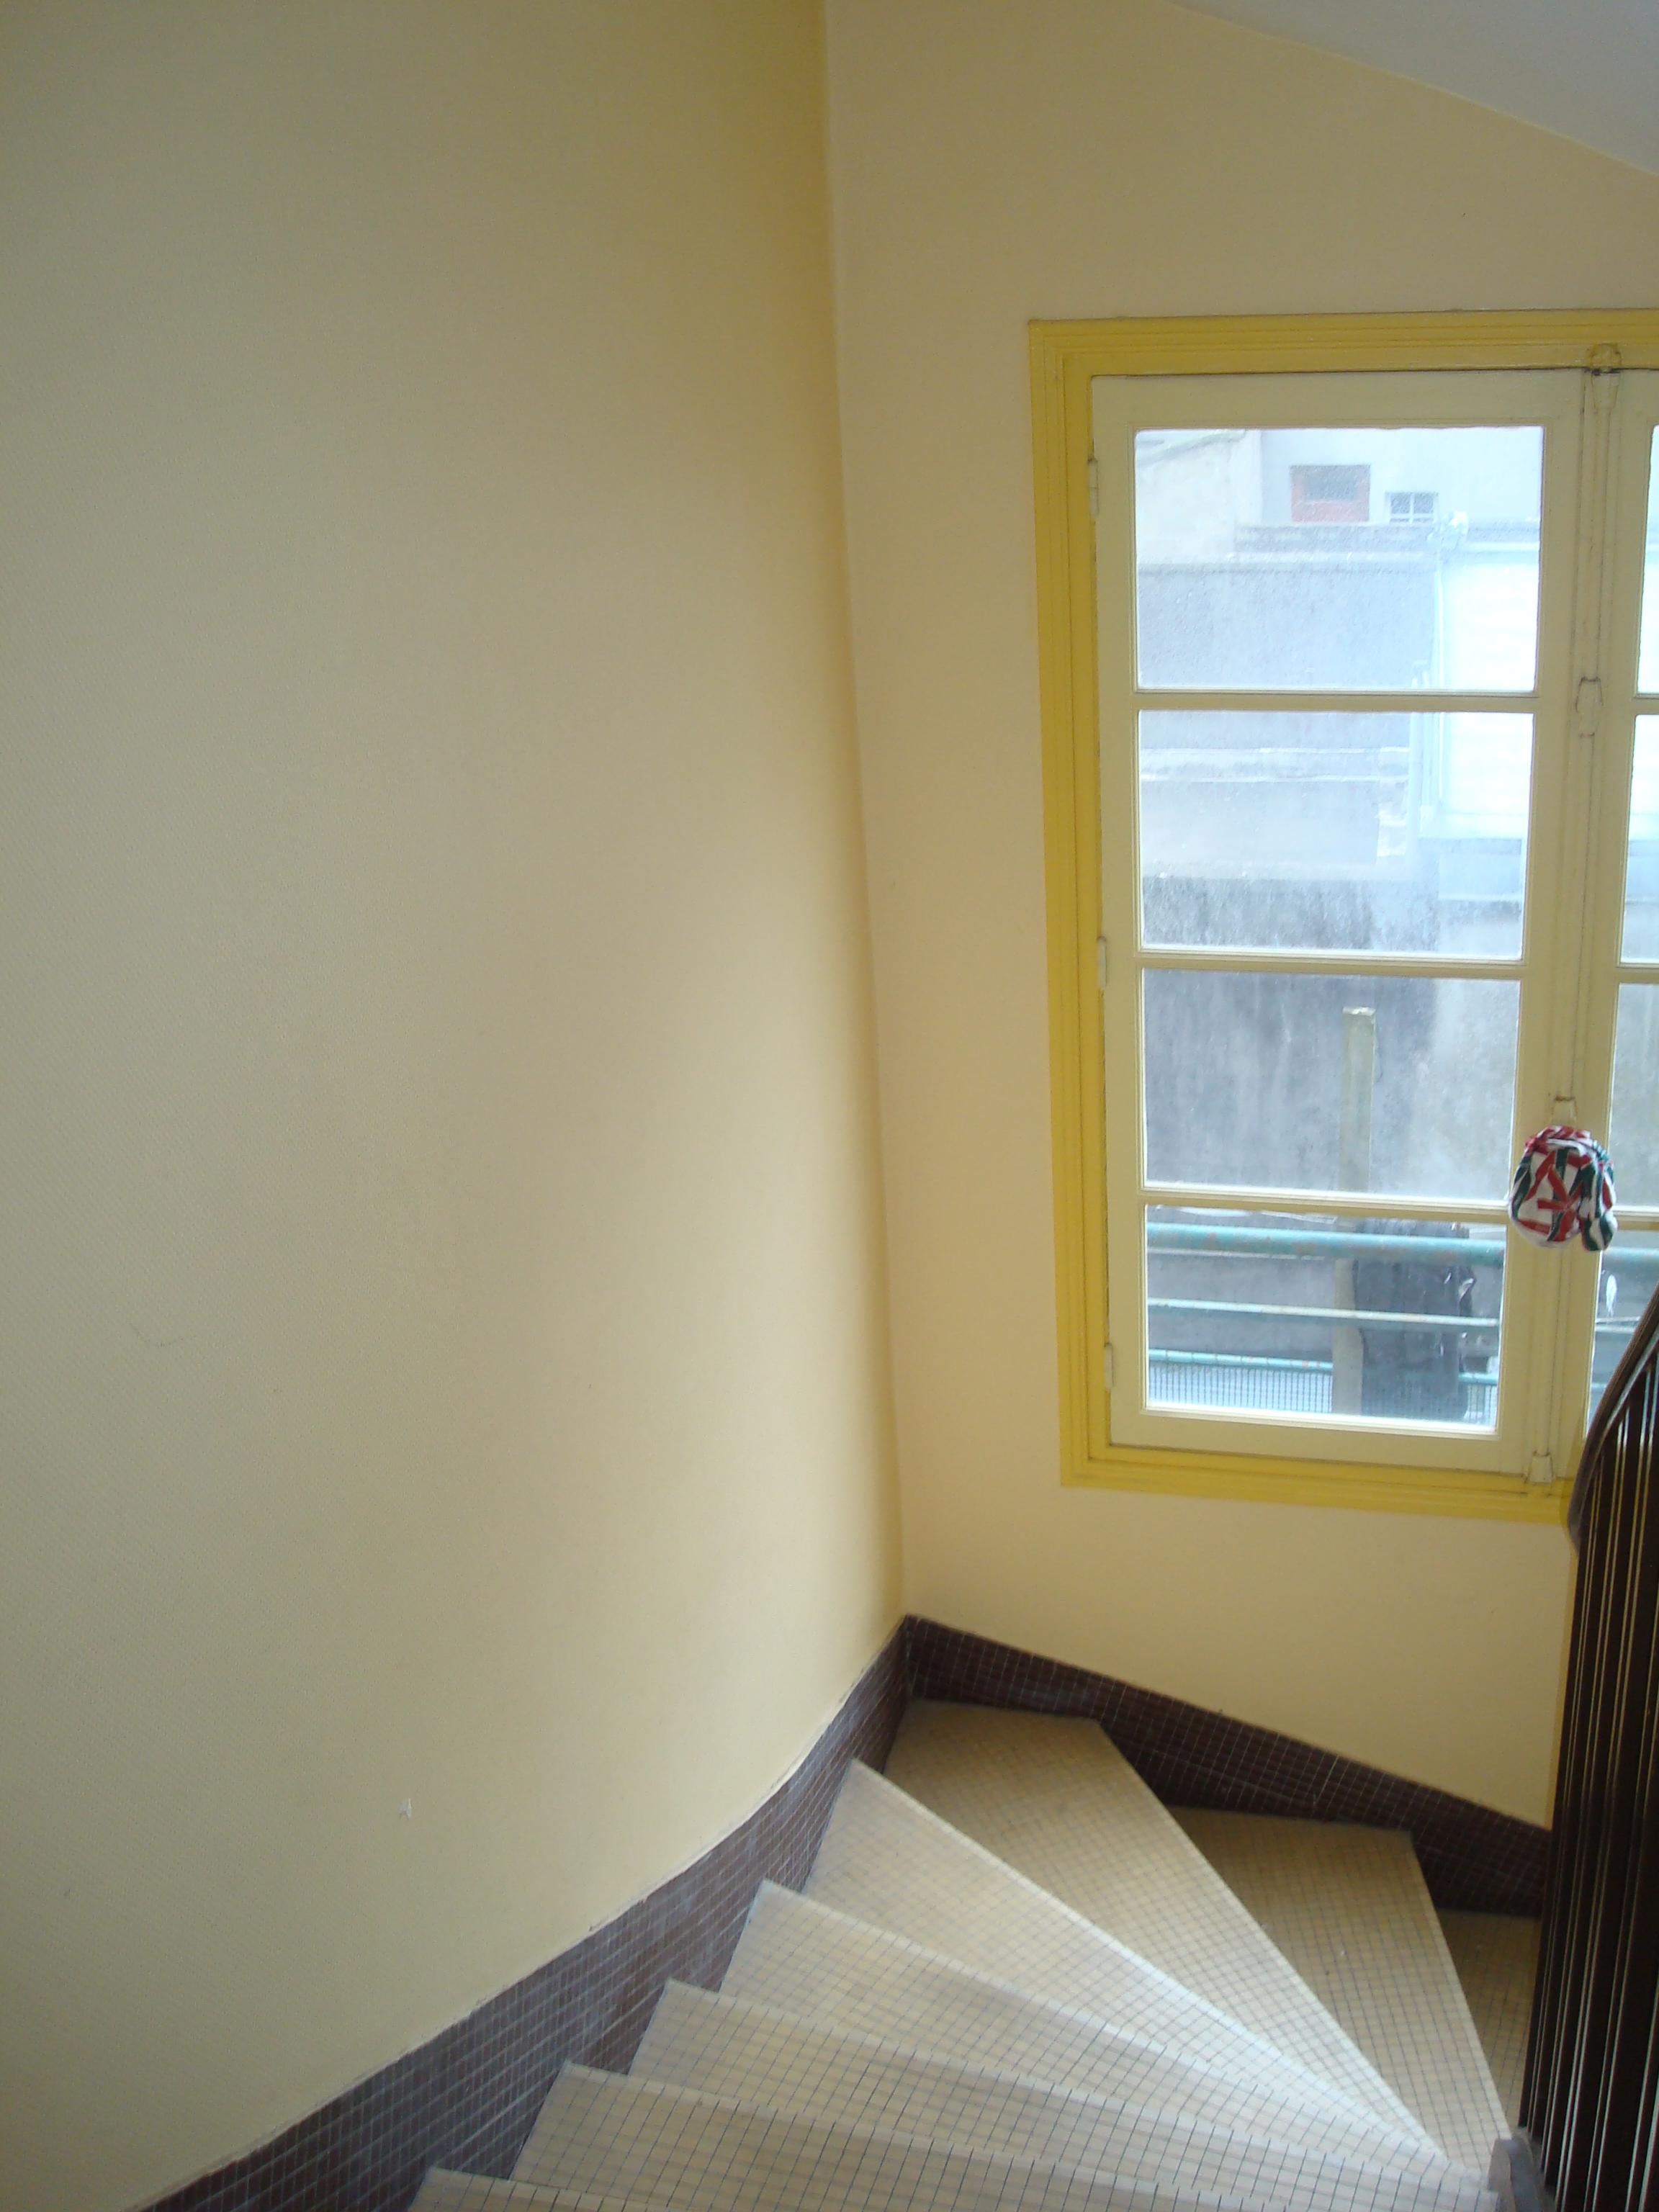 Appartement T3 Brest Hypercentre 112 000 Fai Brest